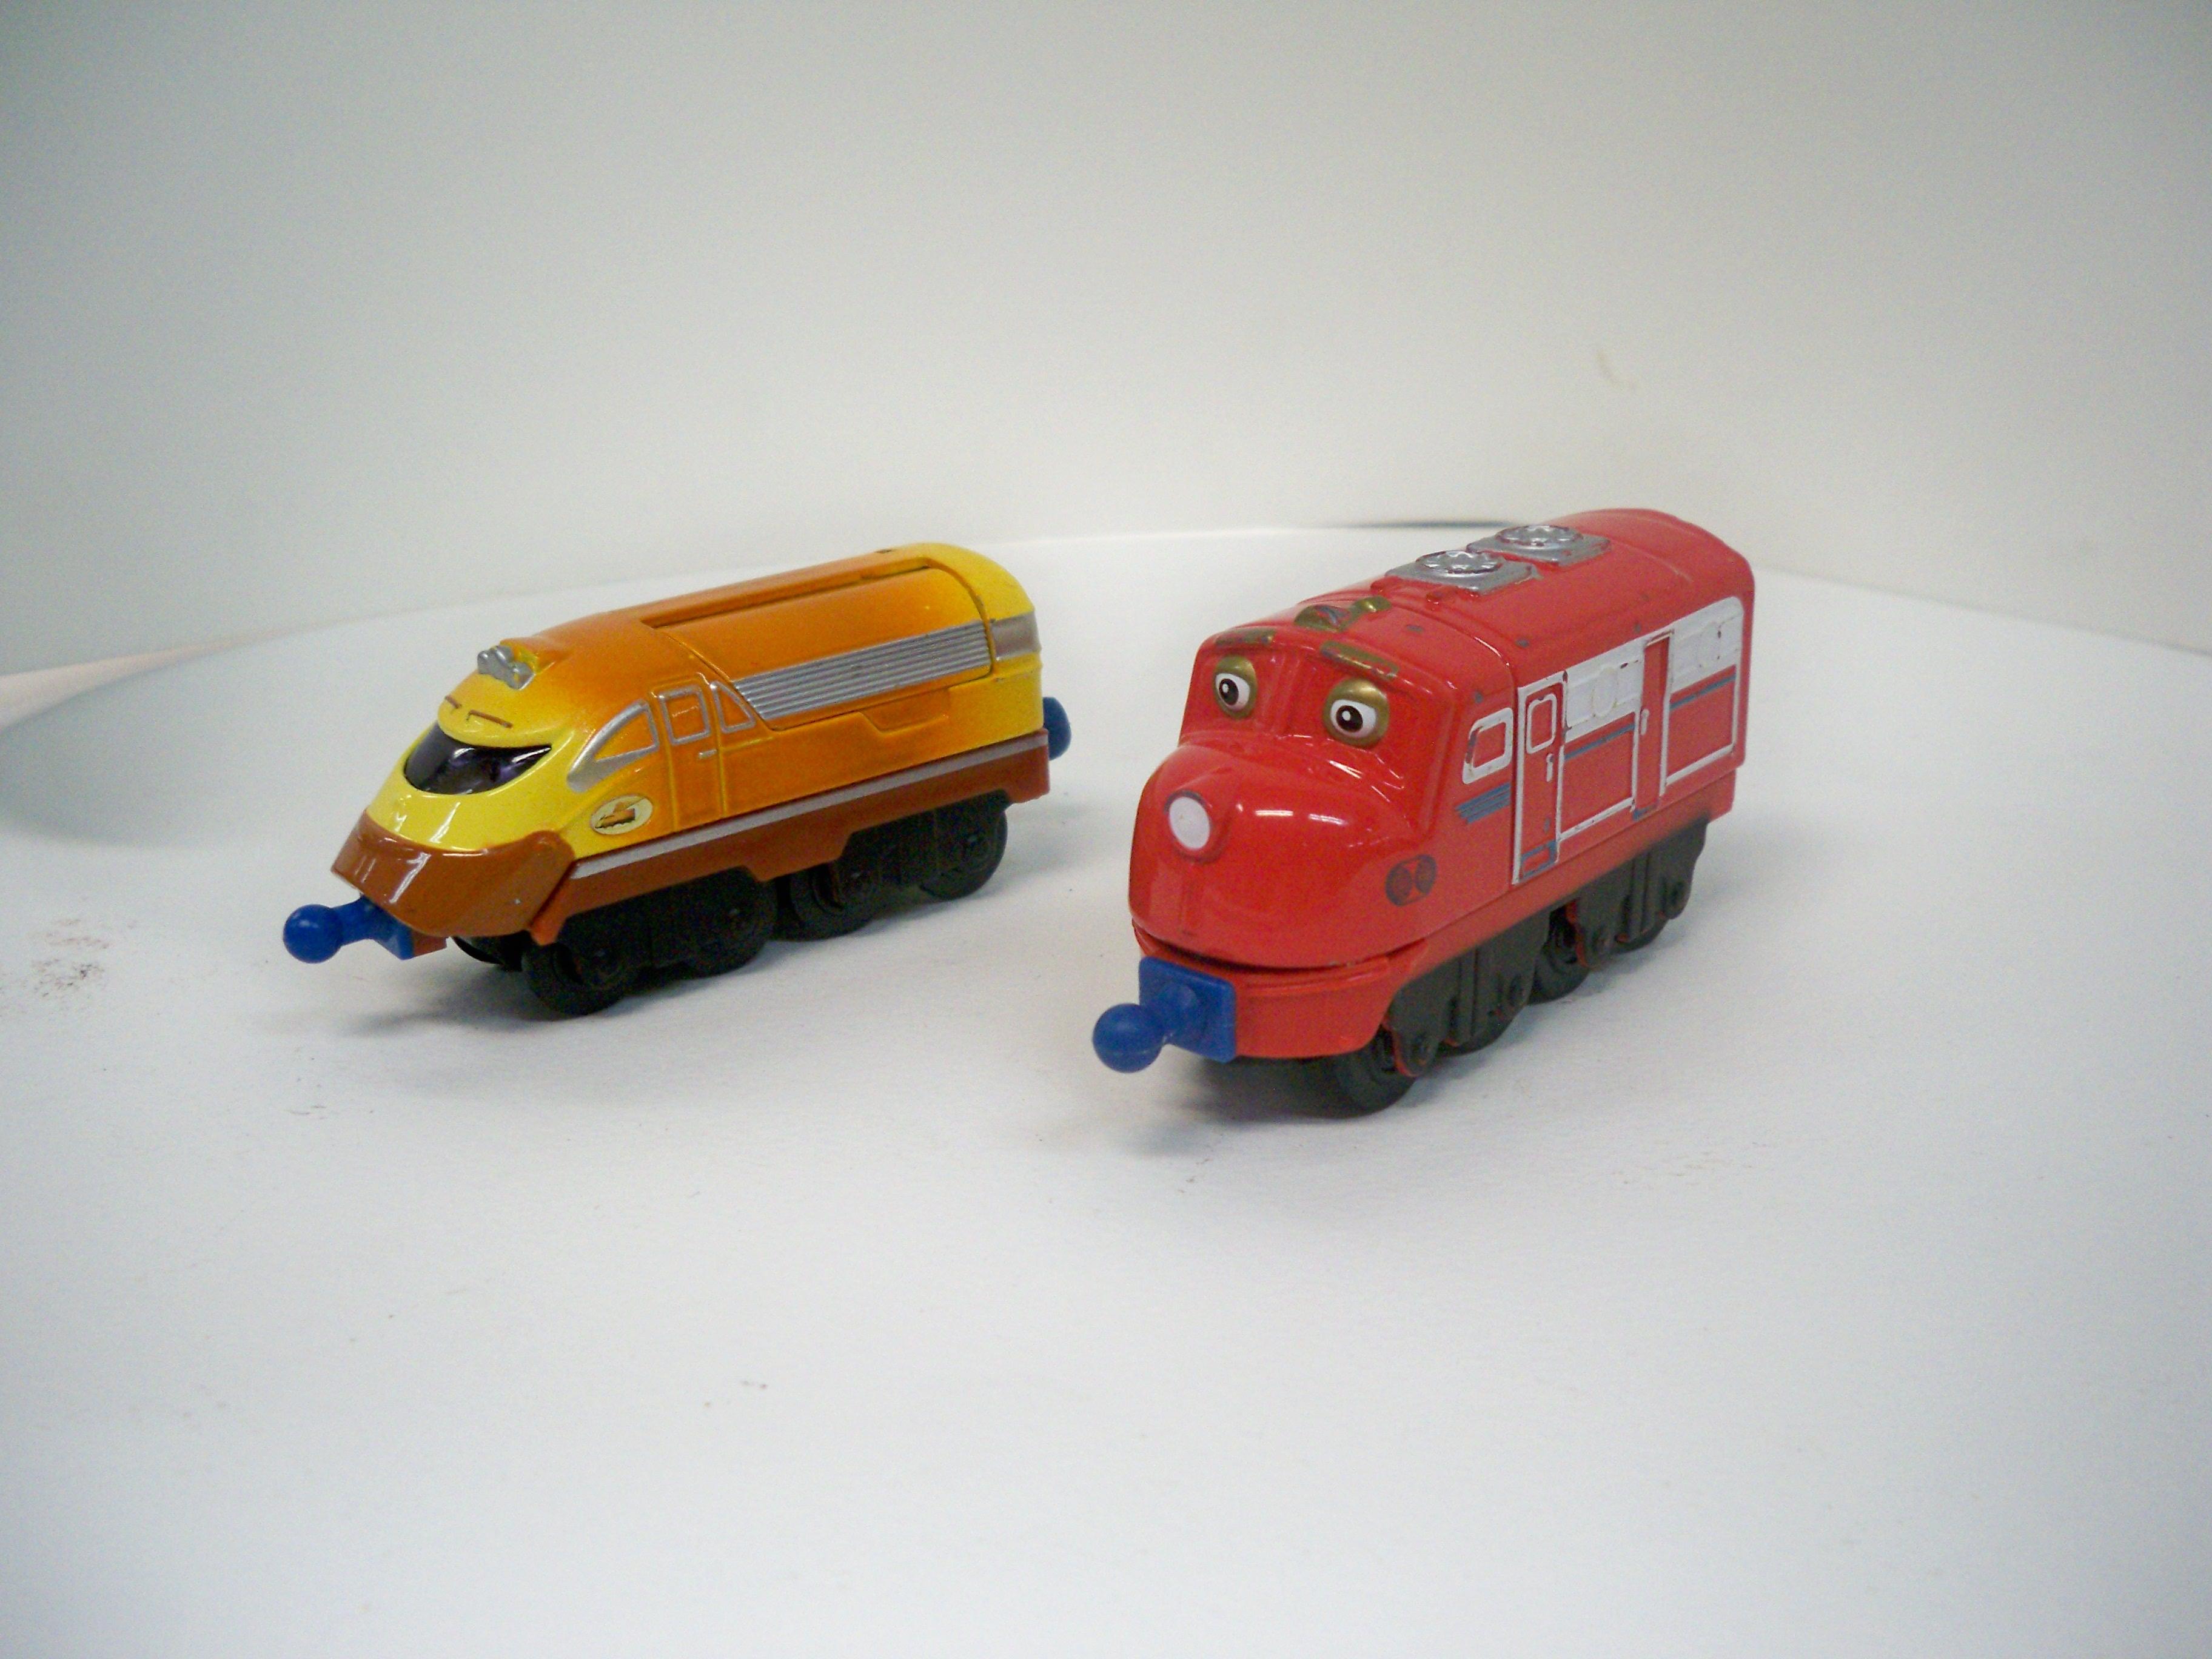 chuggington รถไฟเหล็กชักกิงตัน